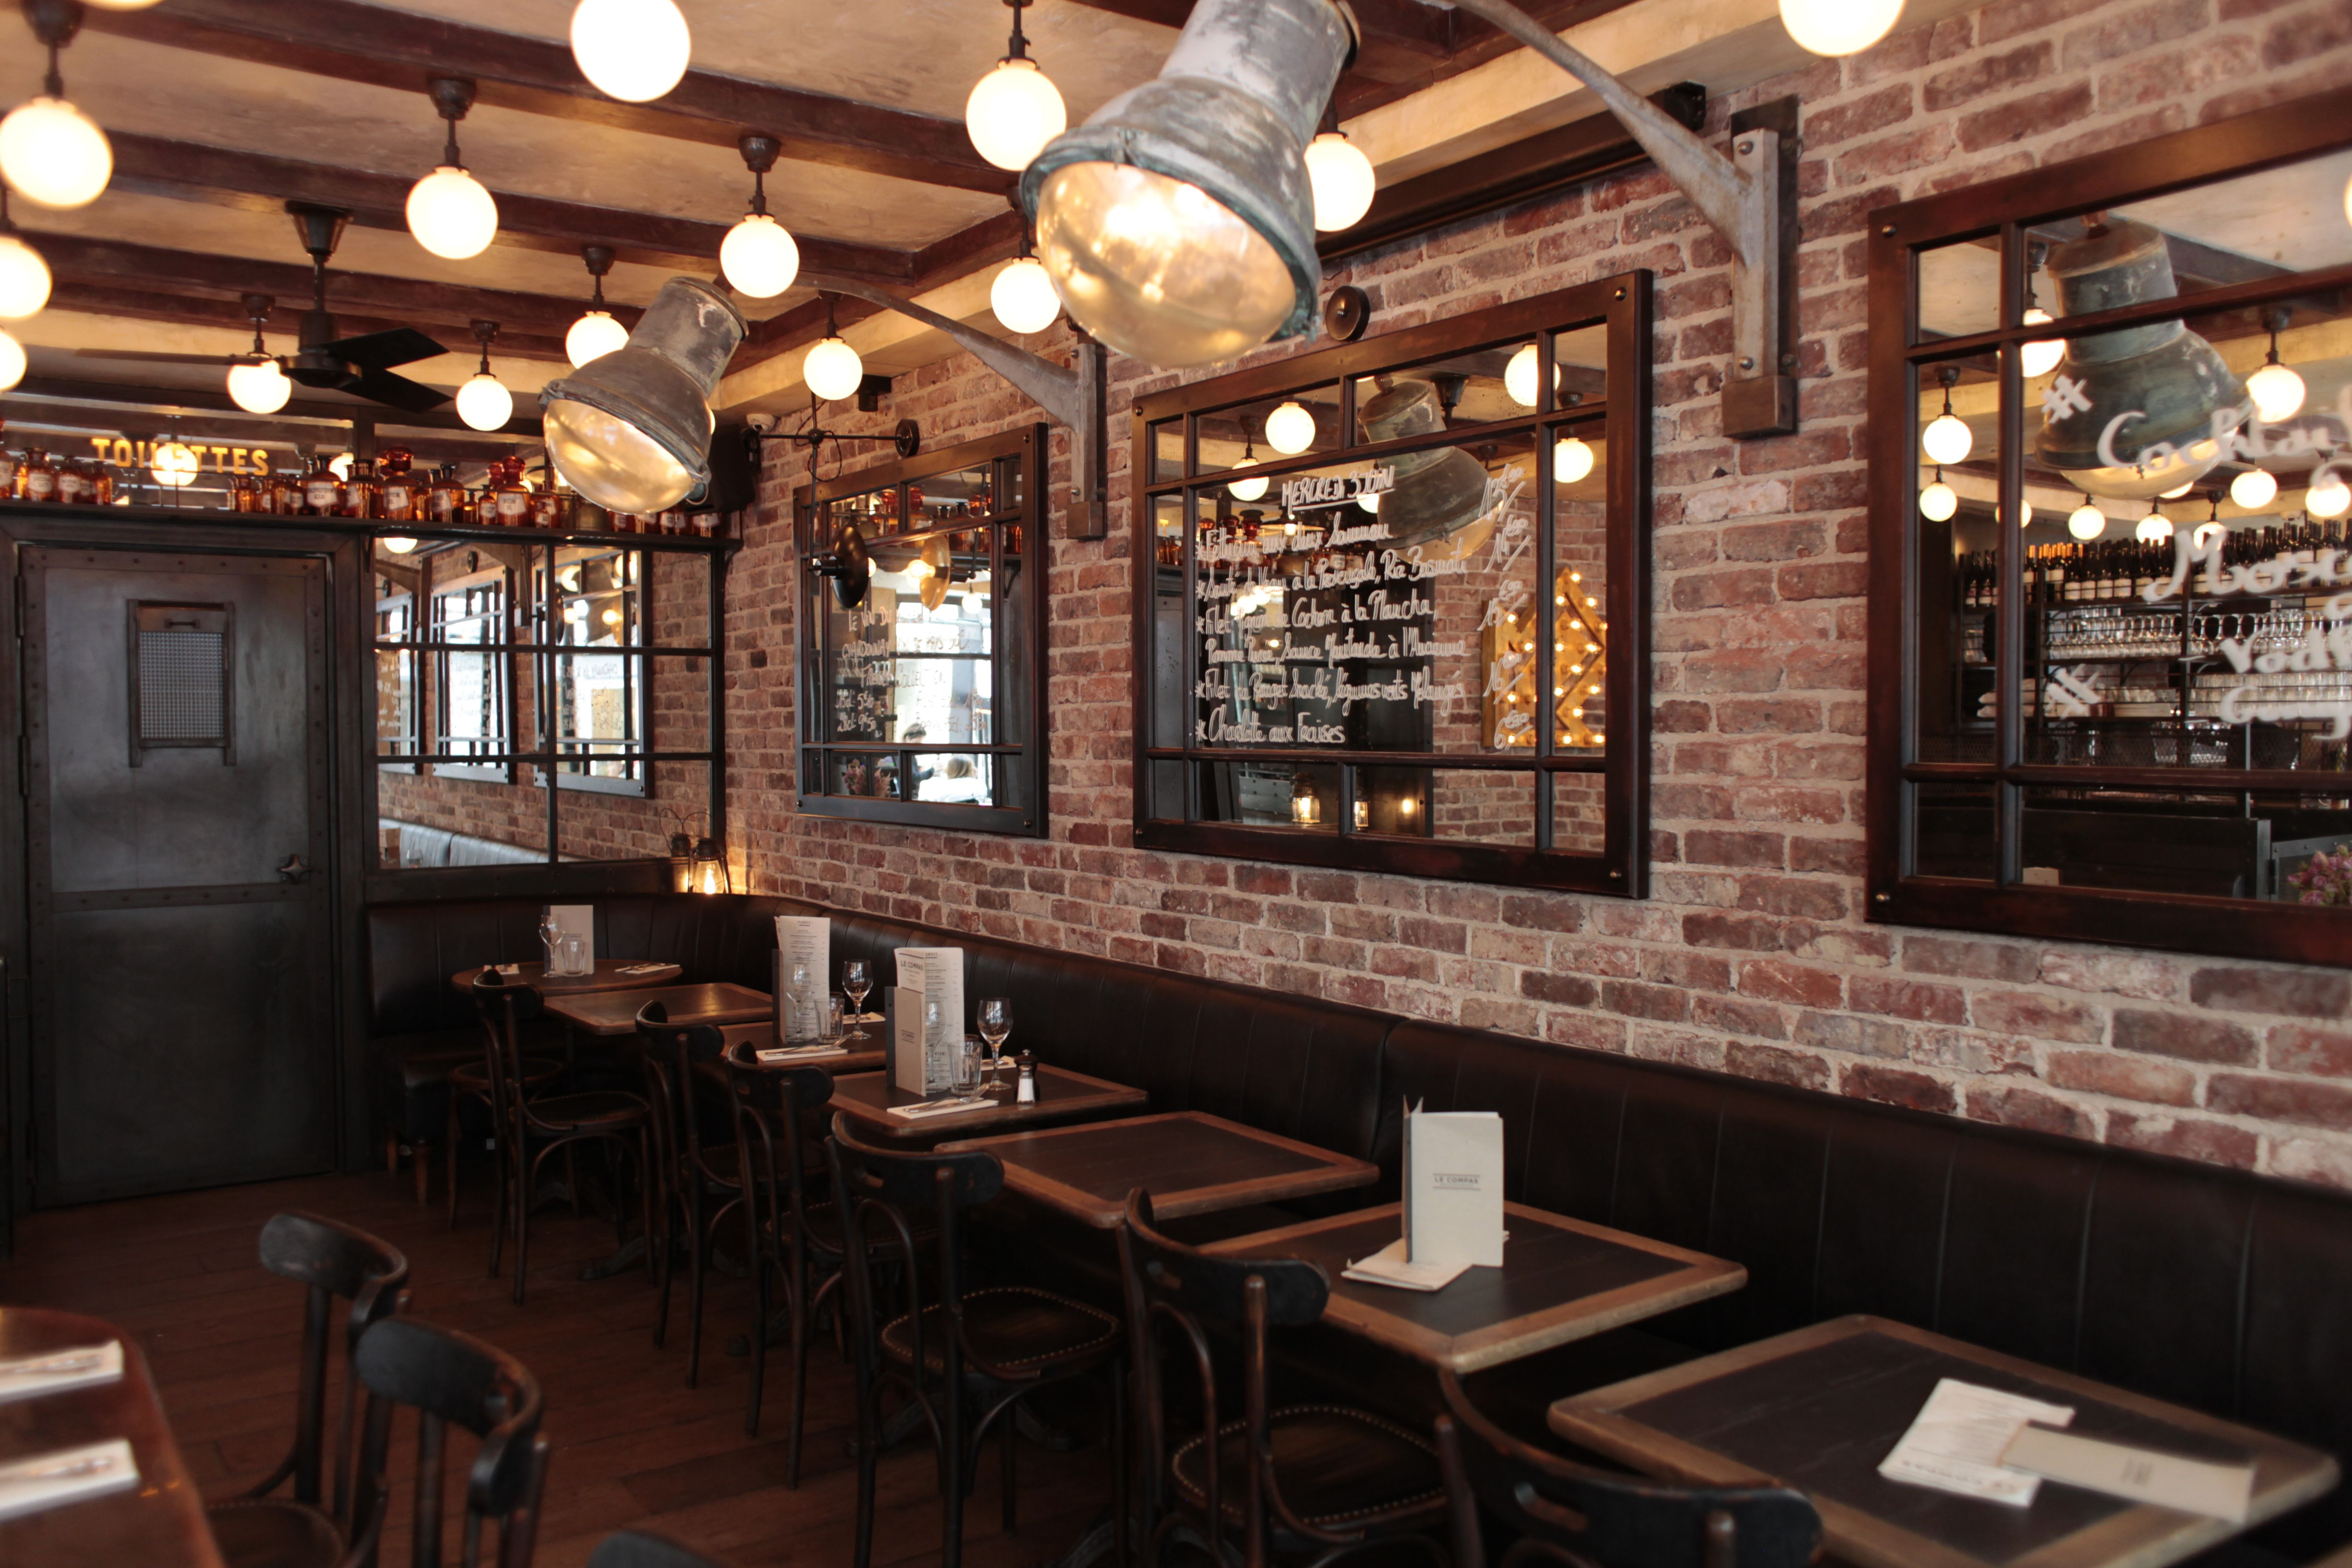 Le compas paris lafondad restaurant cafe brasserie